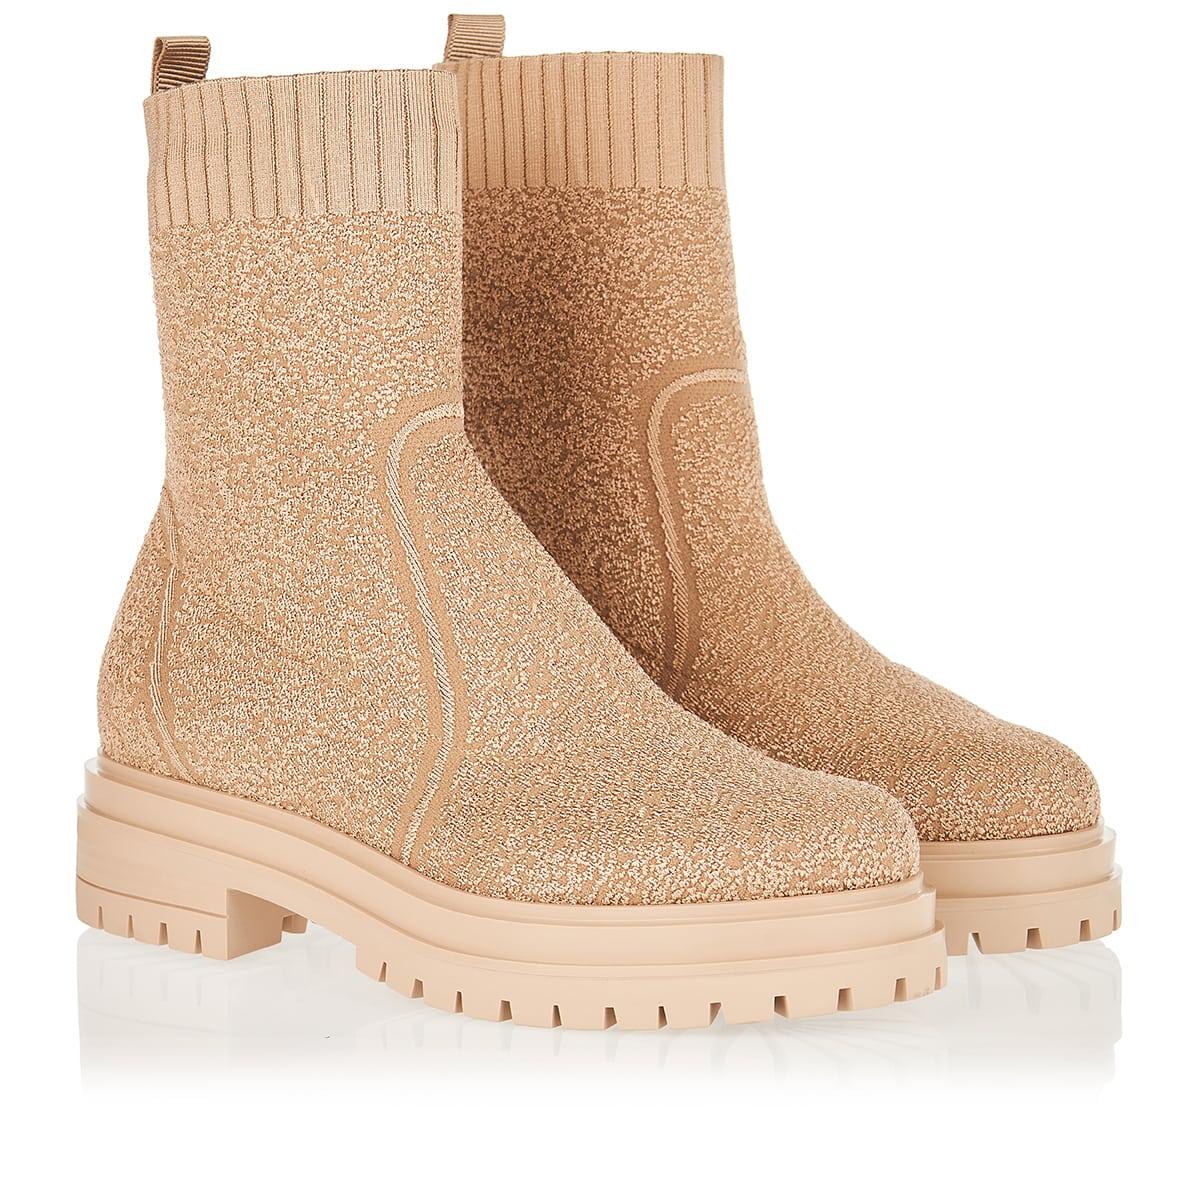 Torrance bouclé knit ankle boots